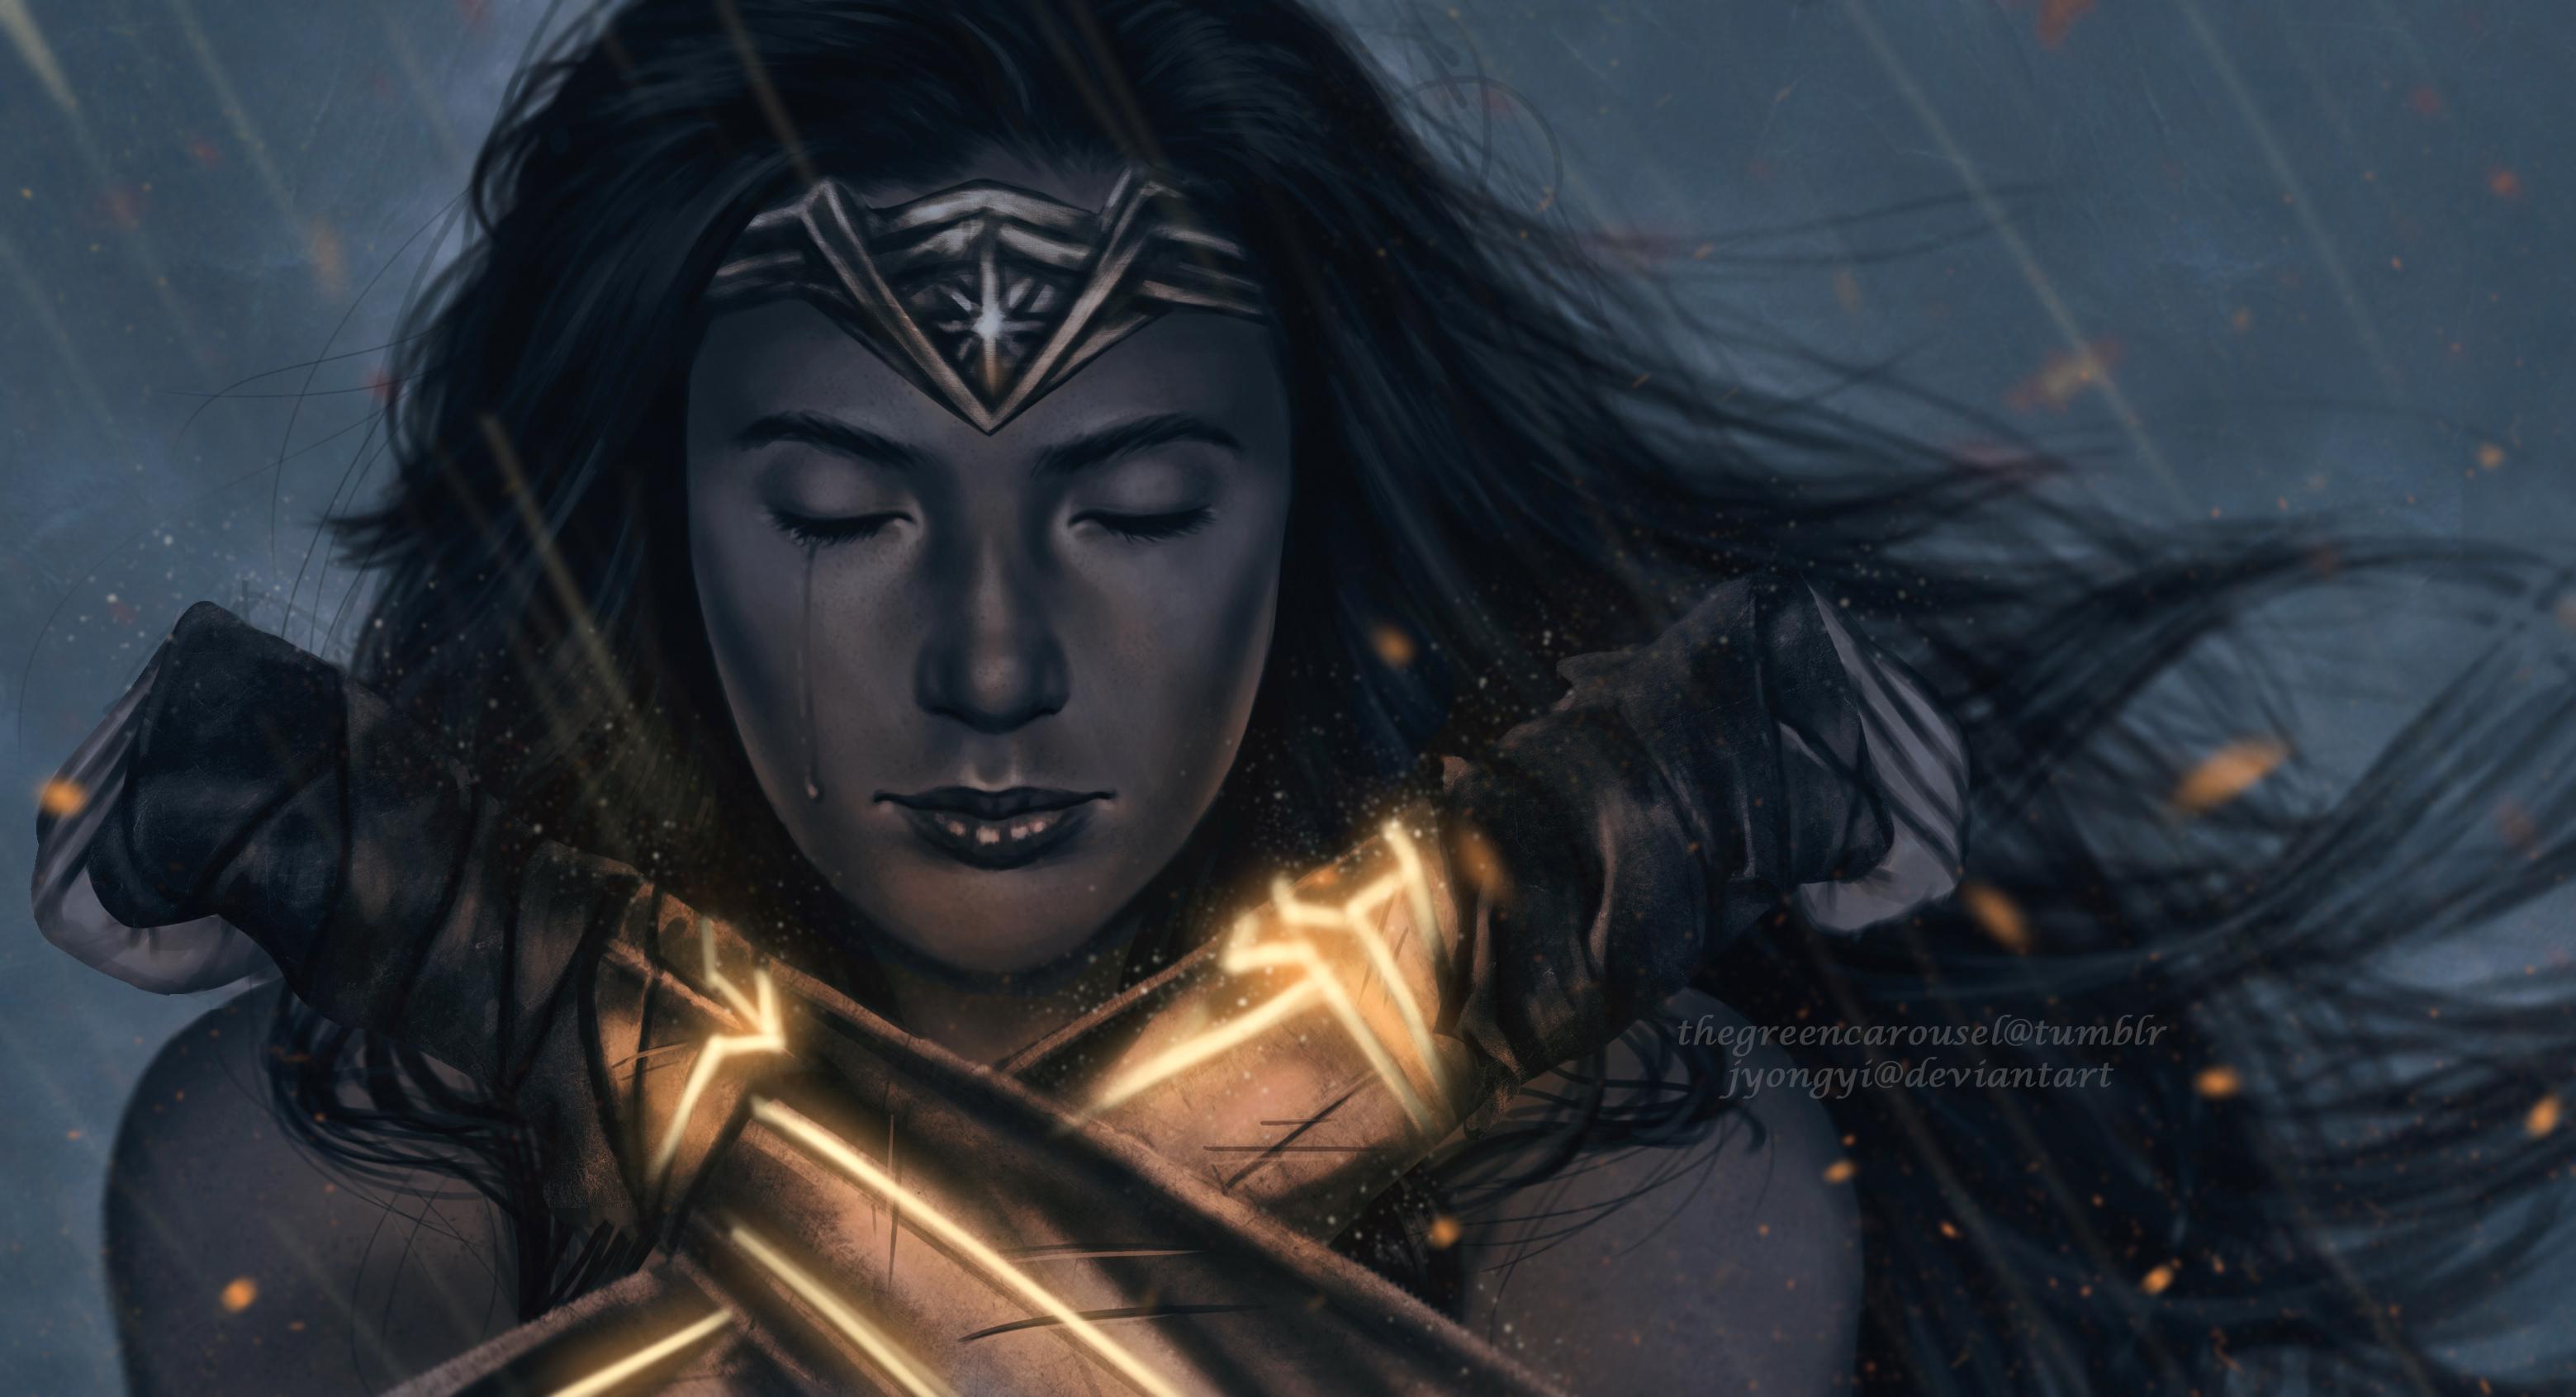 2017 Wonder Woman Movie Fan Art Hd Movies 4k Wallpapers: Wonder Woman Fan Art No Mans Land, HD Superheroes, 4k